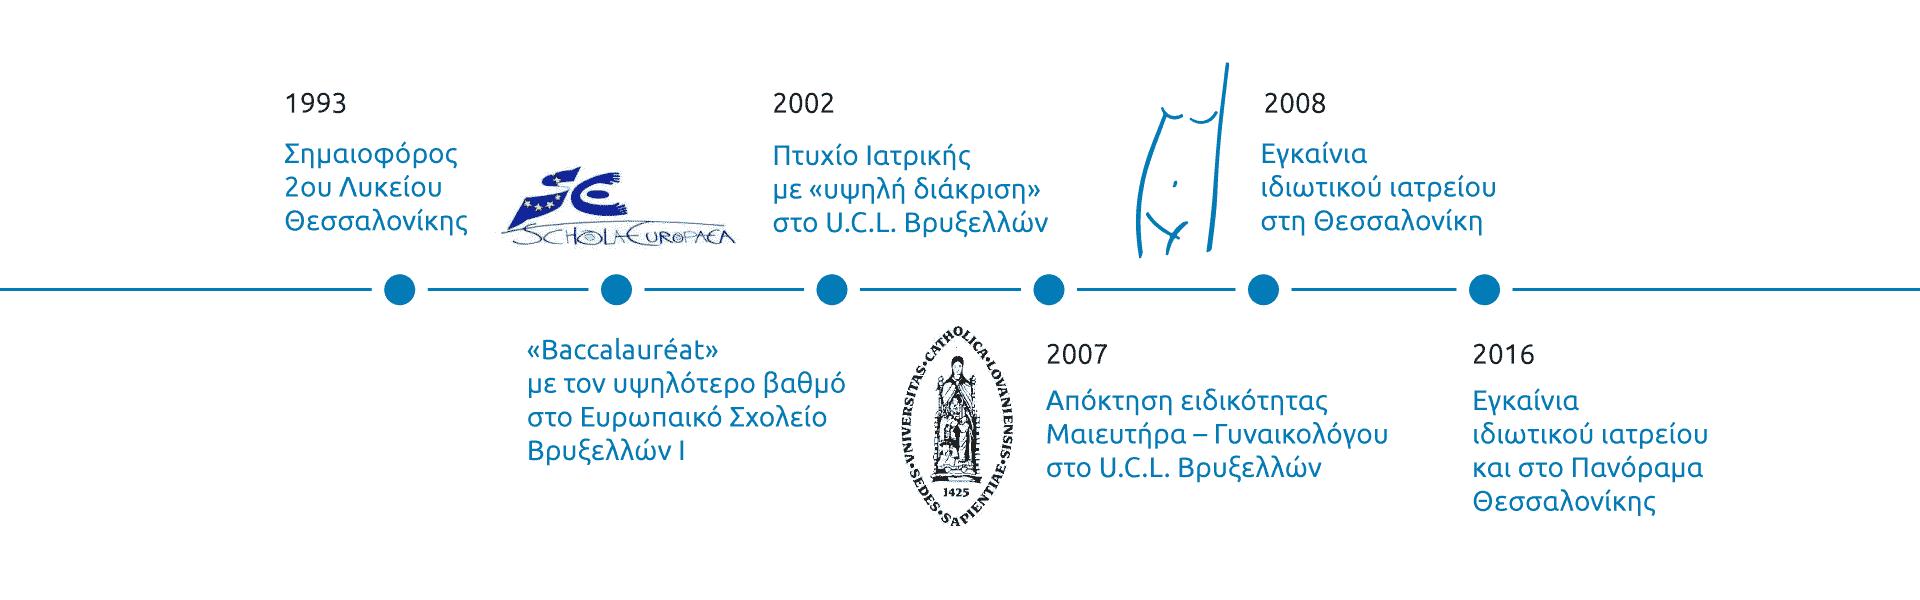 gynaikologos timeline